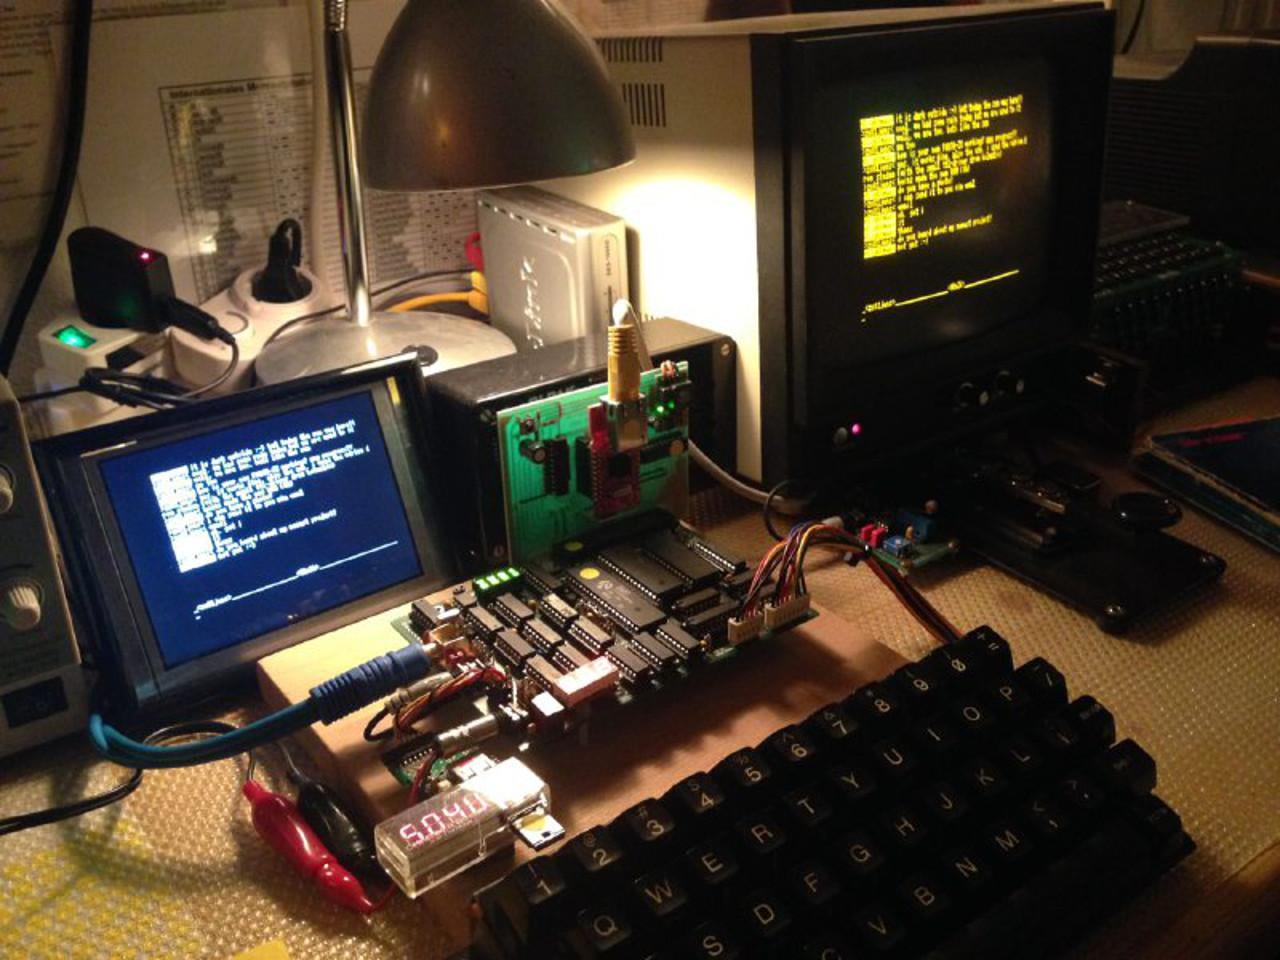 Ein moderner ZX-NU (ZX81-Clone) mit USB, Netzwerk und Sound im Chat. (Bild: Jens Sommerfeld)